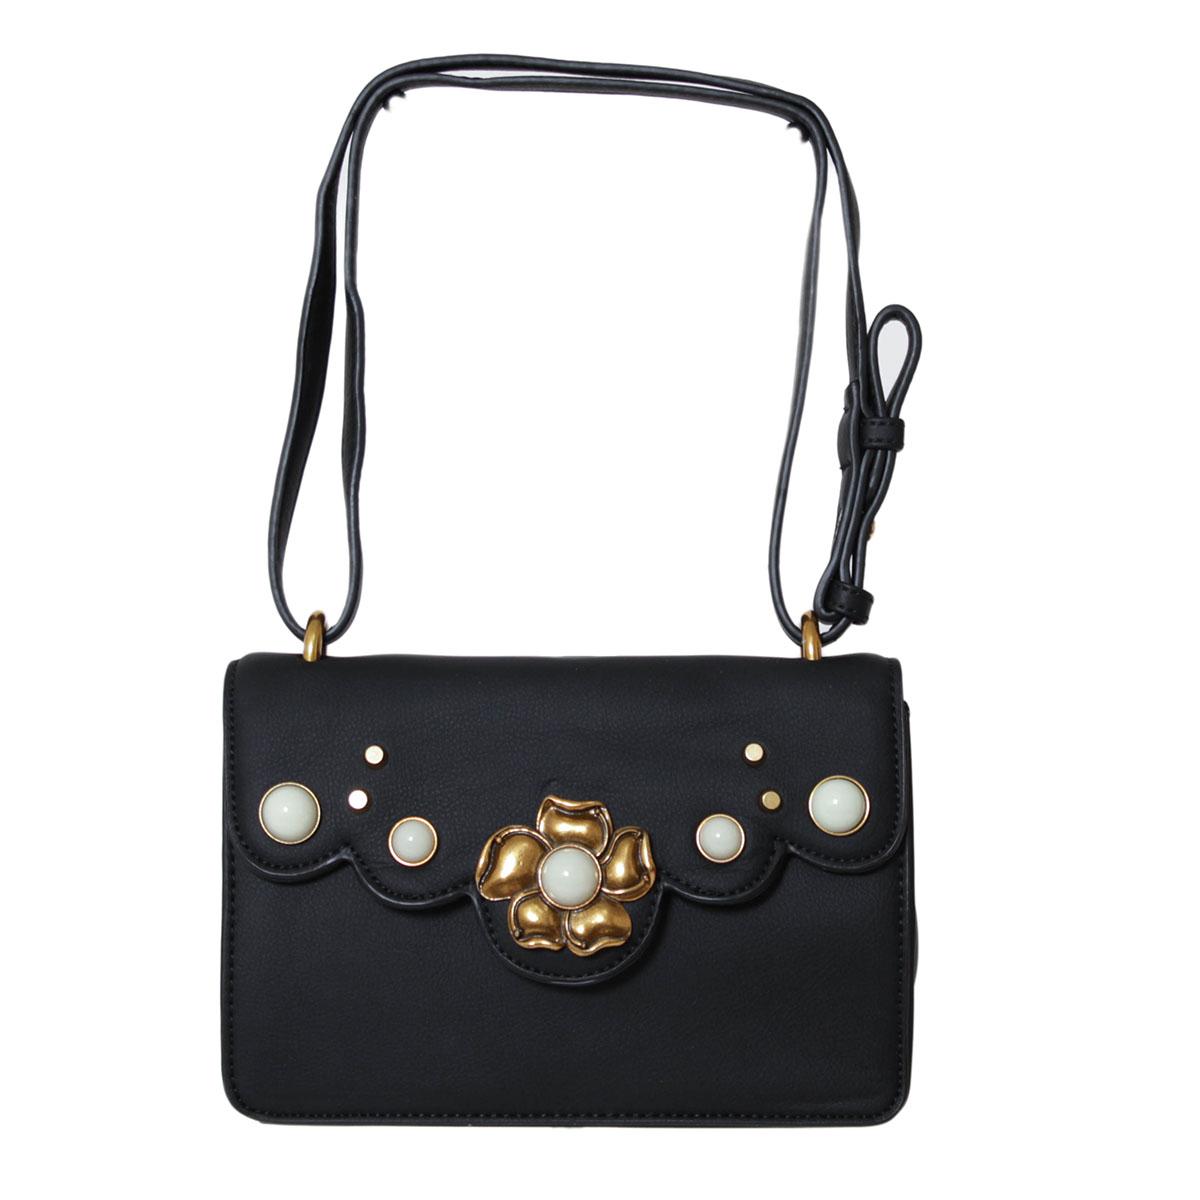 Сумка женская Flioraj, цвет: черный. 0005224200052242Стильная сумочка для настоящих модниц. Внутри на задней стенке карман на молнии и карман для телефона. Высота ручек 25 см.